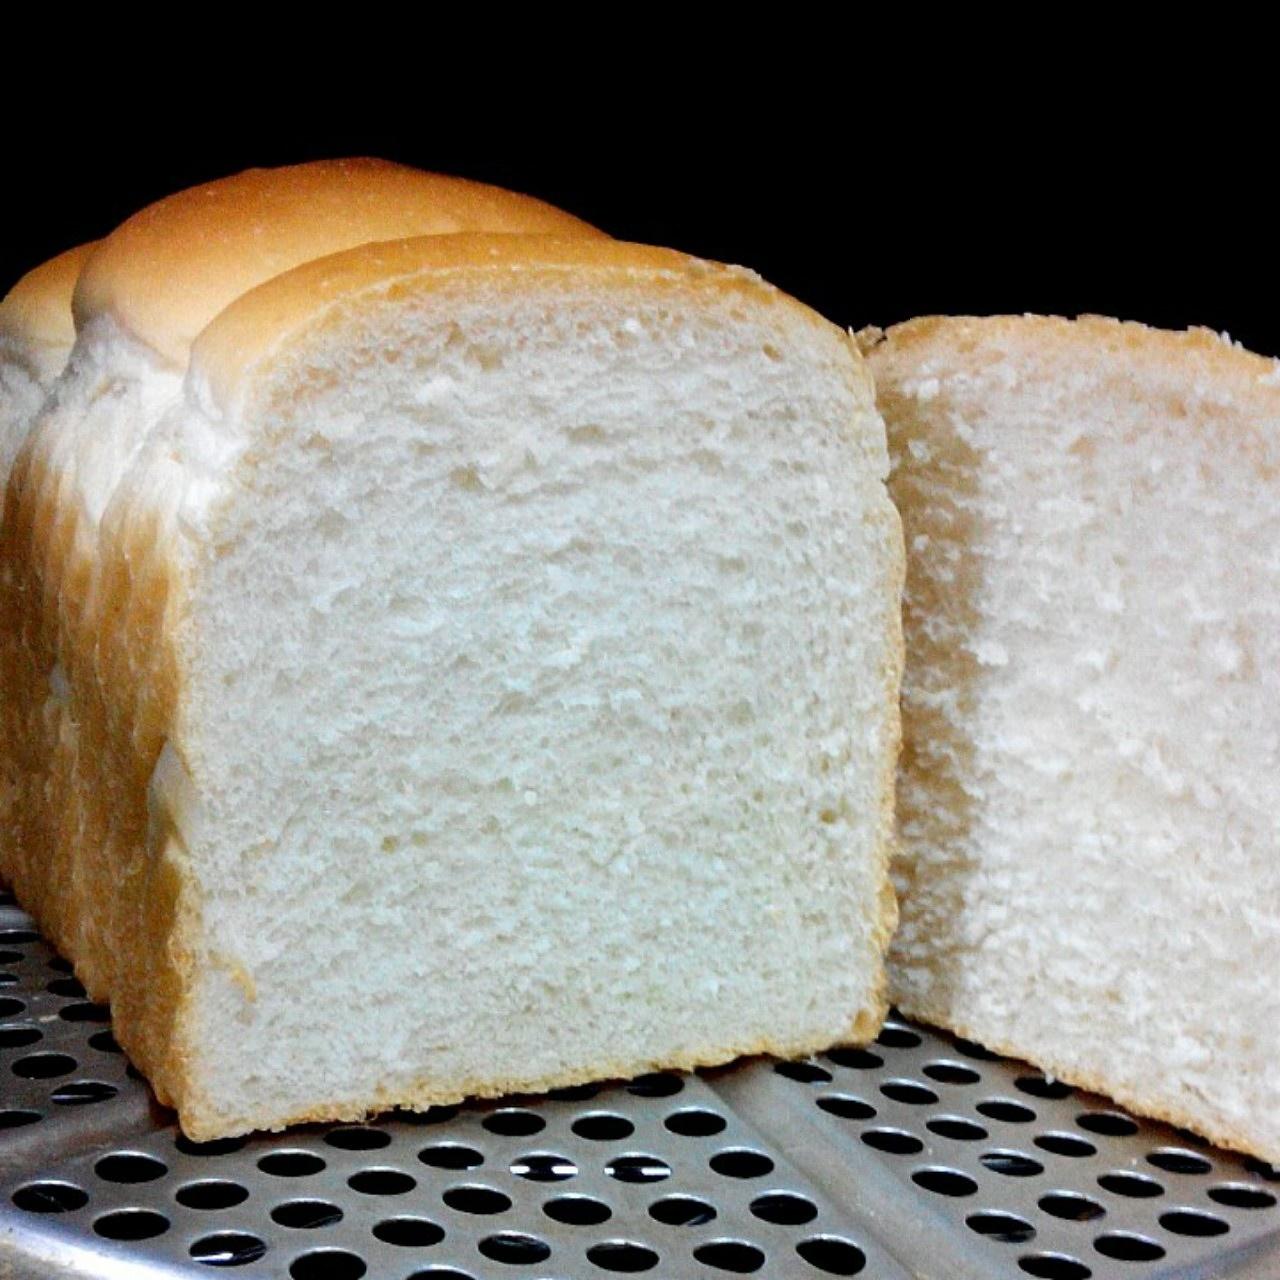 面包十五分钟手套膜及拉丝秘笈(附七岁儿童终极版)的做法 步骤38